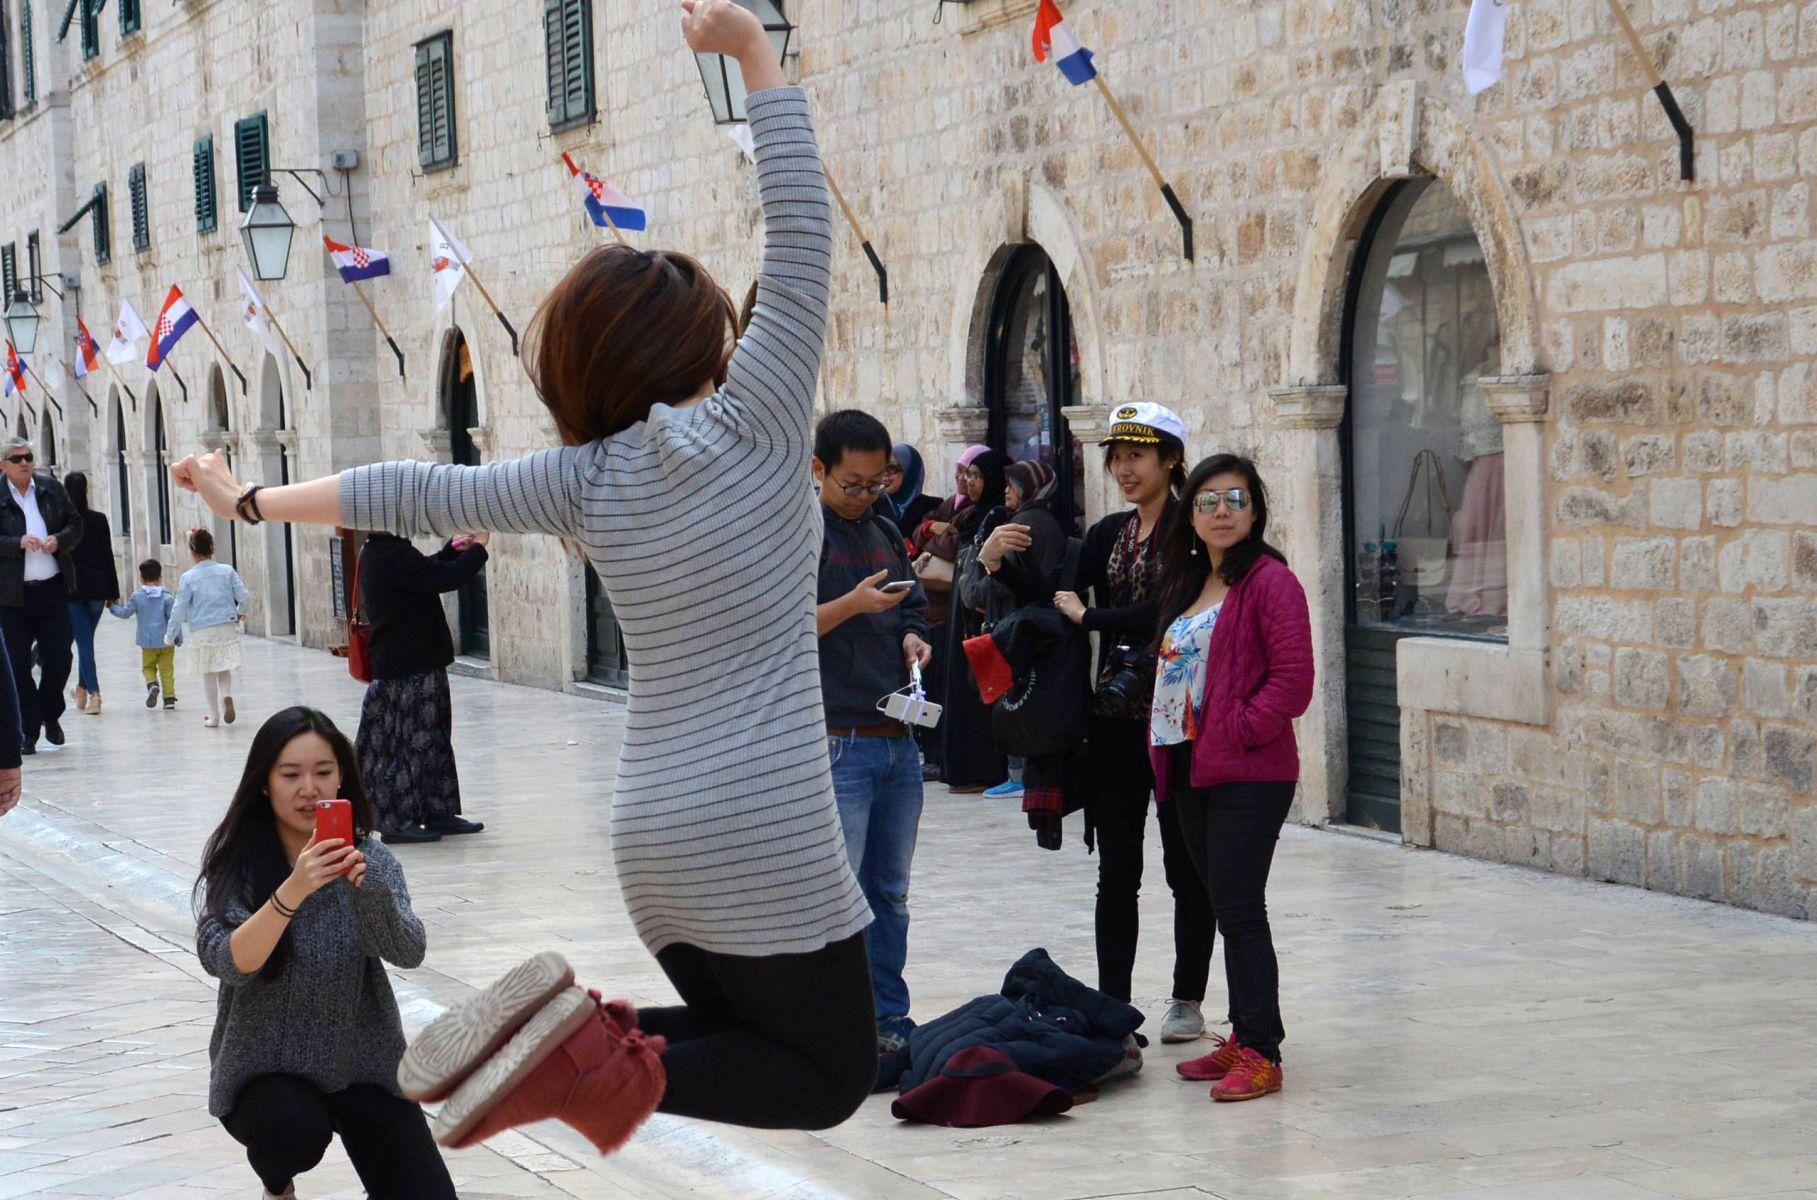 Za Uskrsne blagdane u Dubrovniku gotovo 12 tisuća gostiju